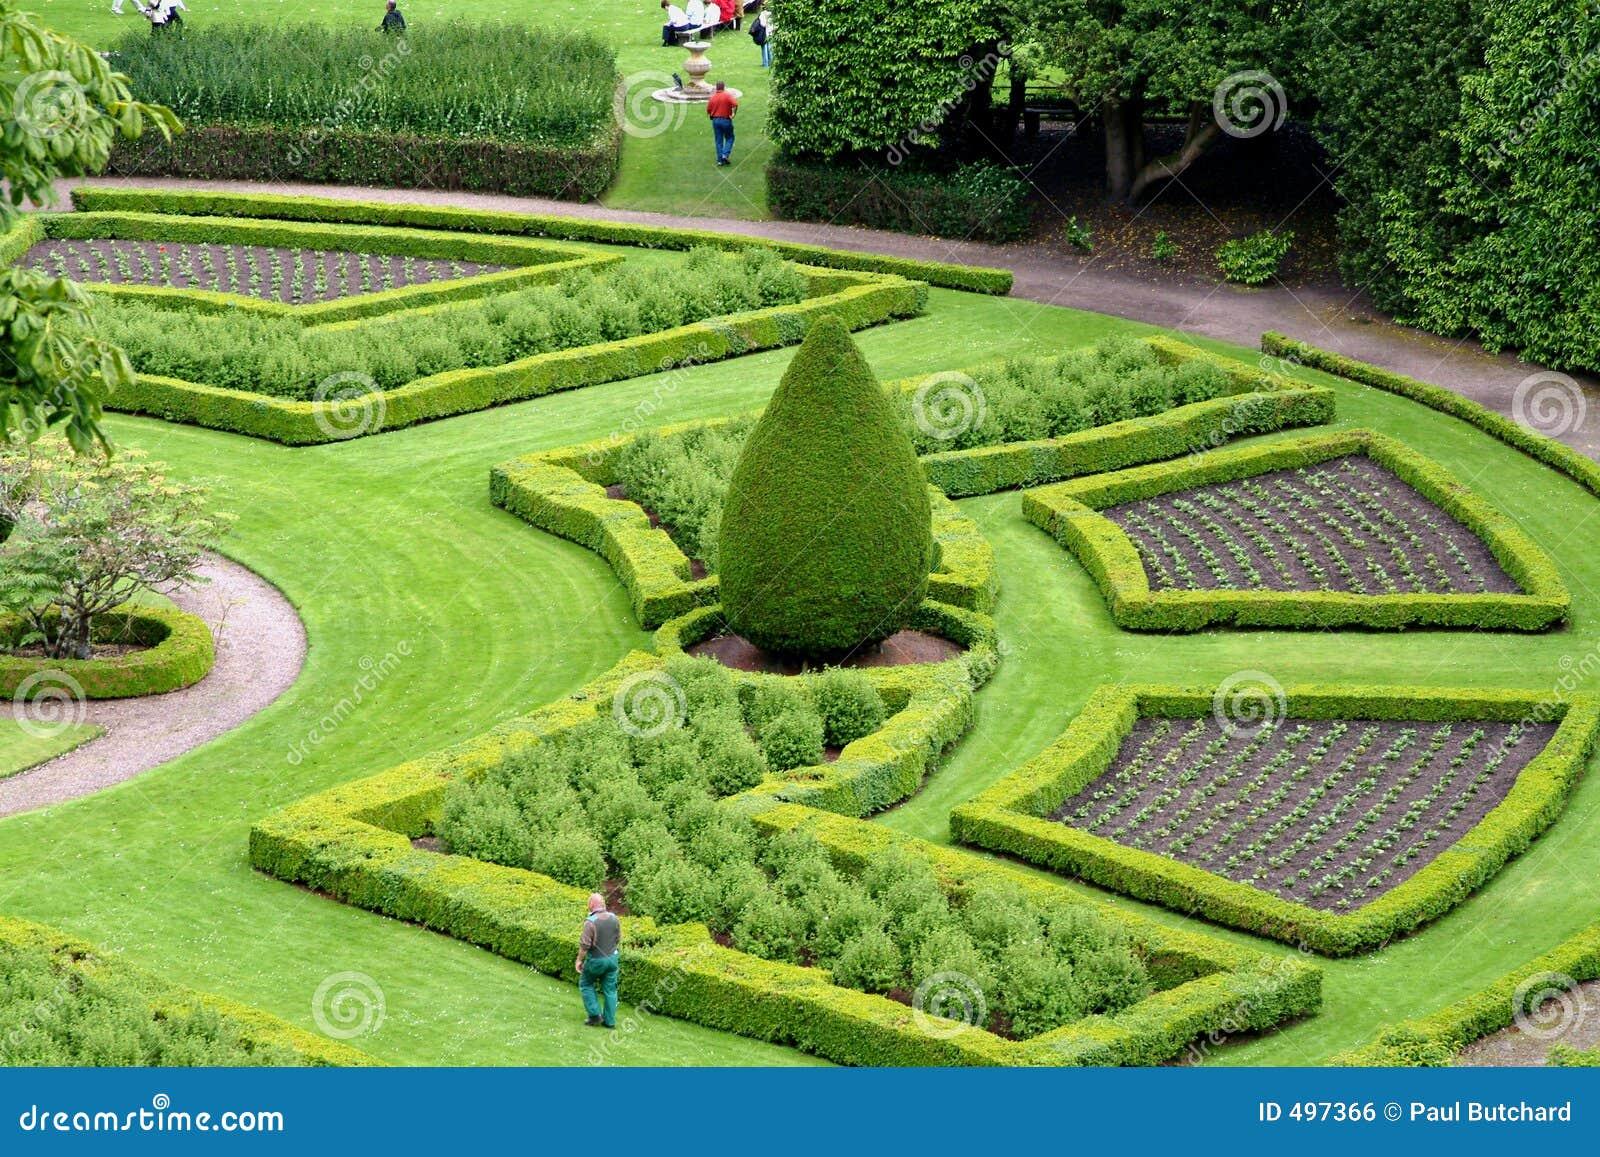 jardin d 39 agr ment ecosse photo stock image du t antique 497366. Black Bedroom Furniture Sets. Home Design Ideas